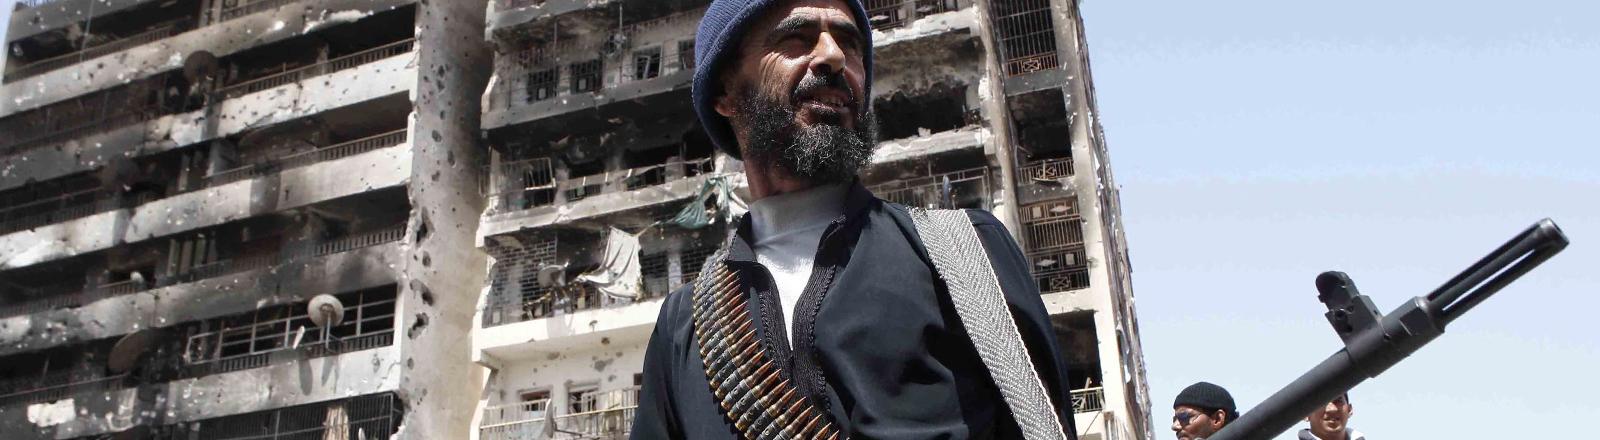 Ein Soldat in Libyen.